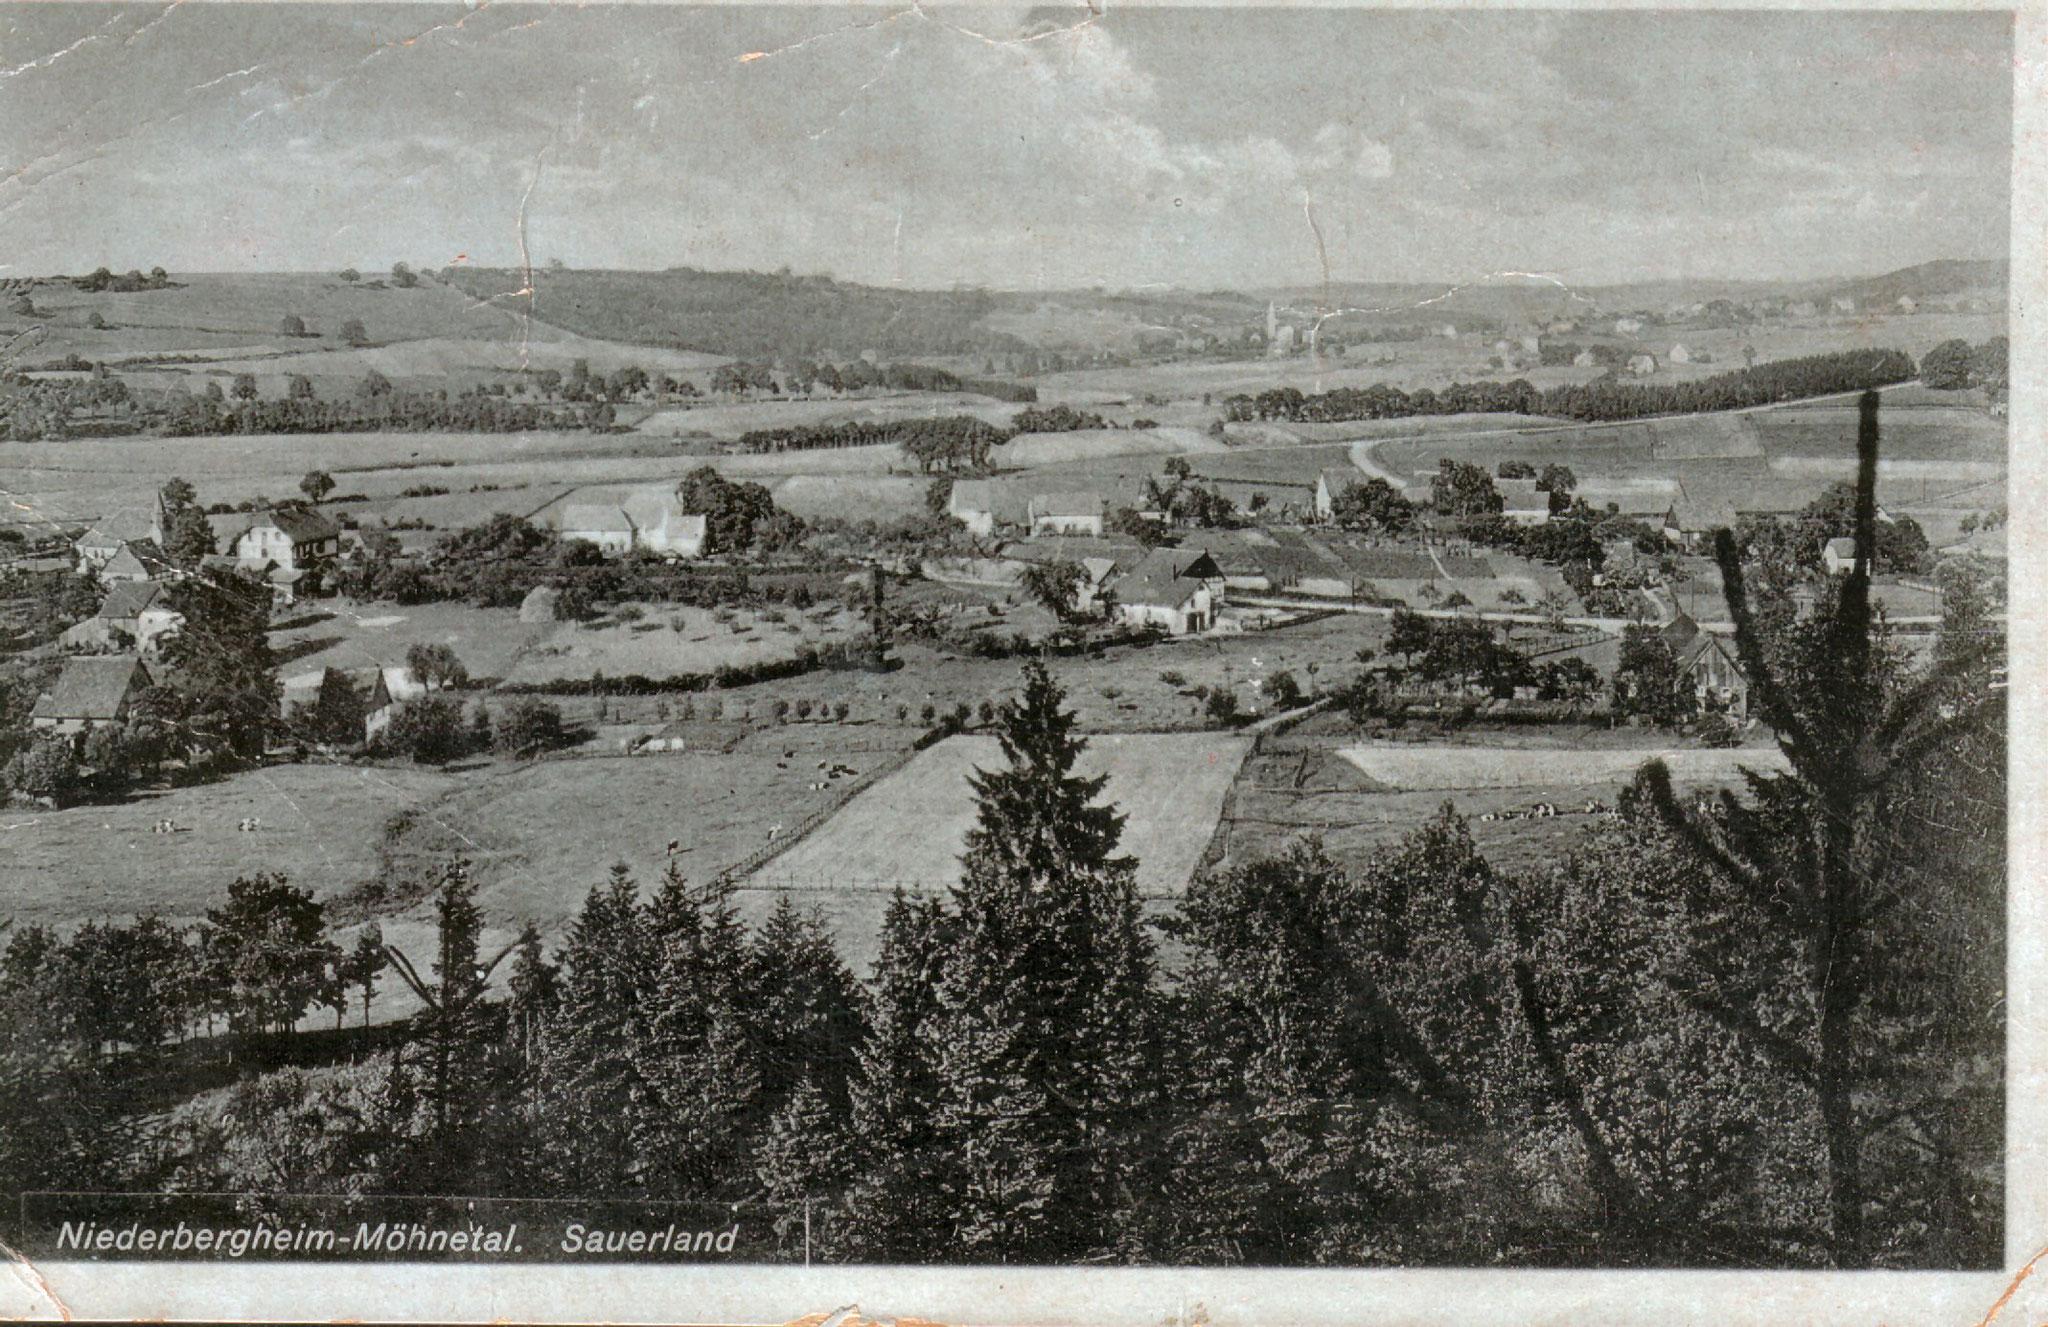 Alte Ansichtskarte mit Blick auf das Dorf